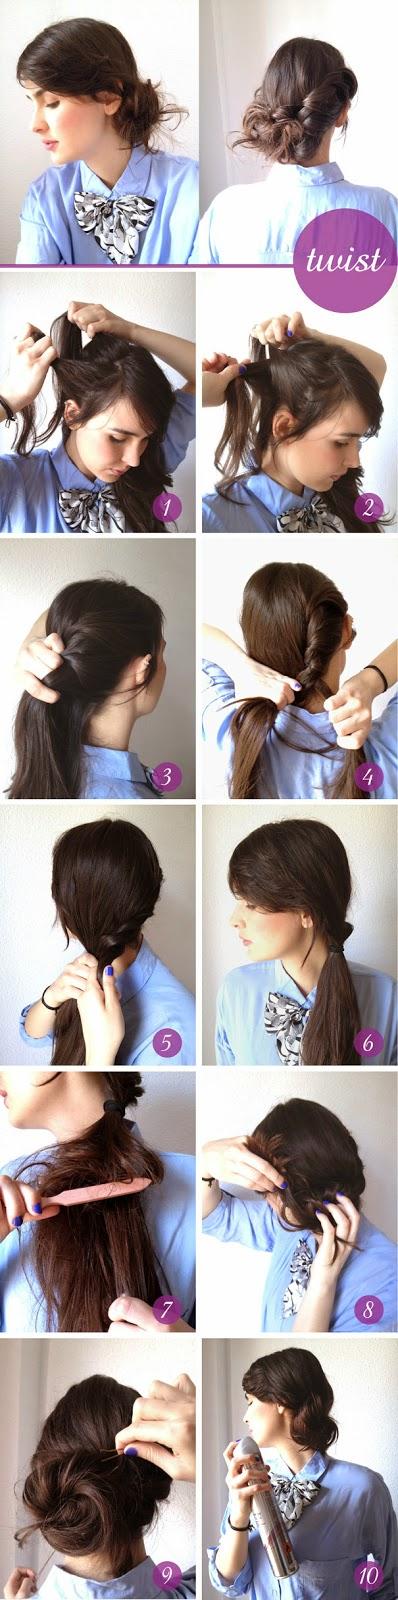 24 Jenis Kepang Rambut yang Bakal Buat Kamu Jadi Pusat Perhatian ... 53ece78fc2